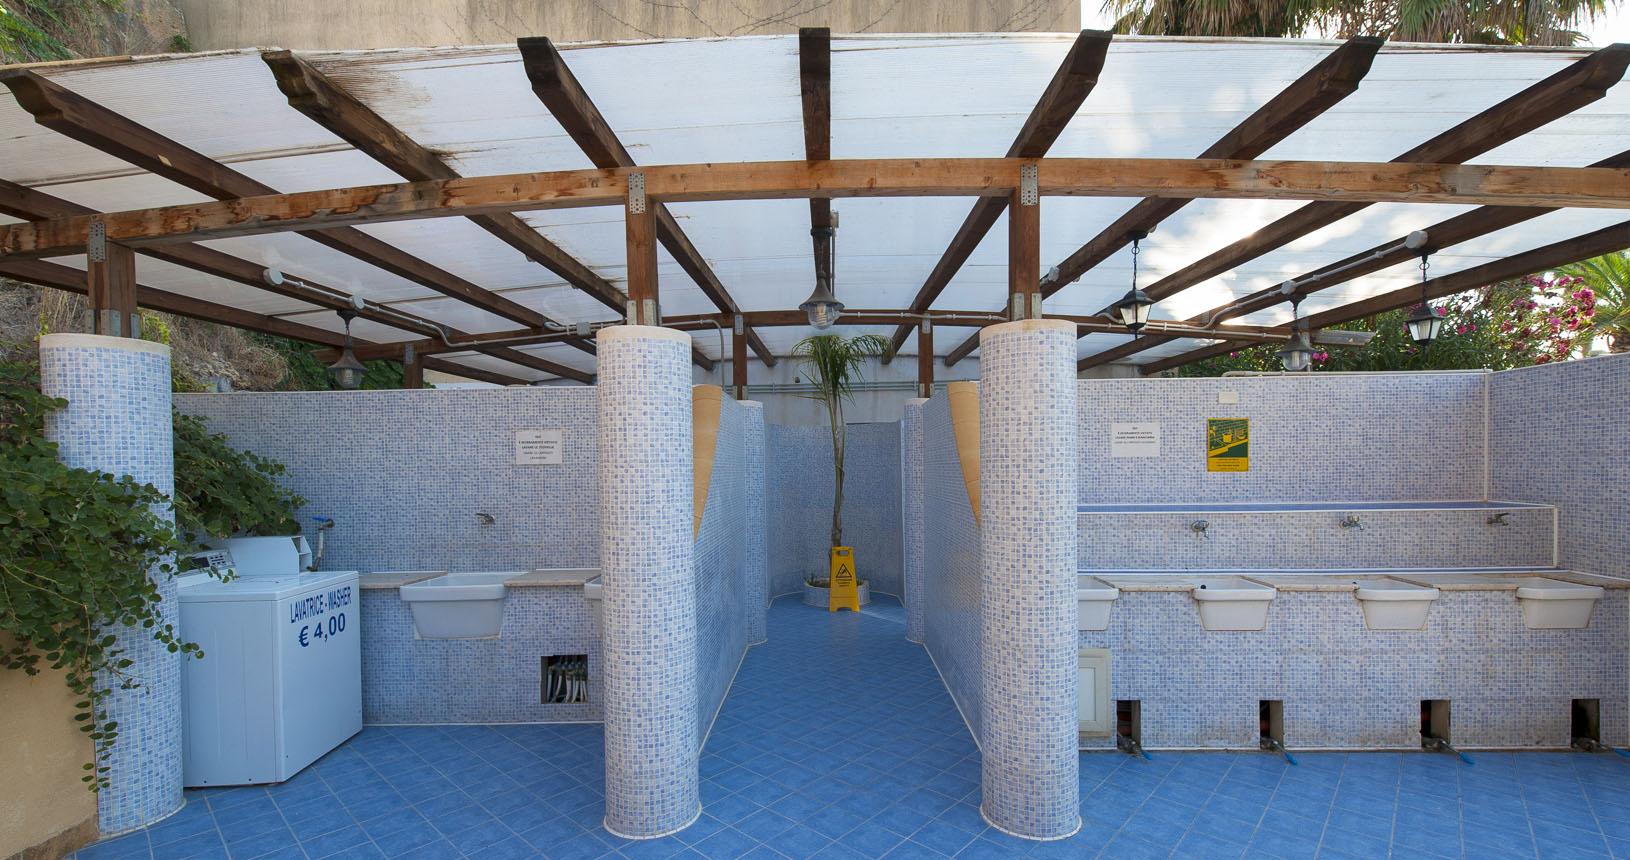 Bagni e servizi camping campeggio Sporting club Village Mazara del Vallo